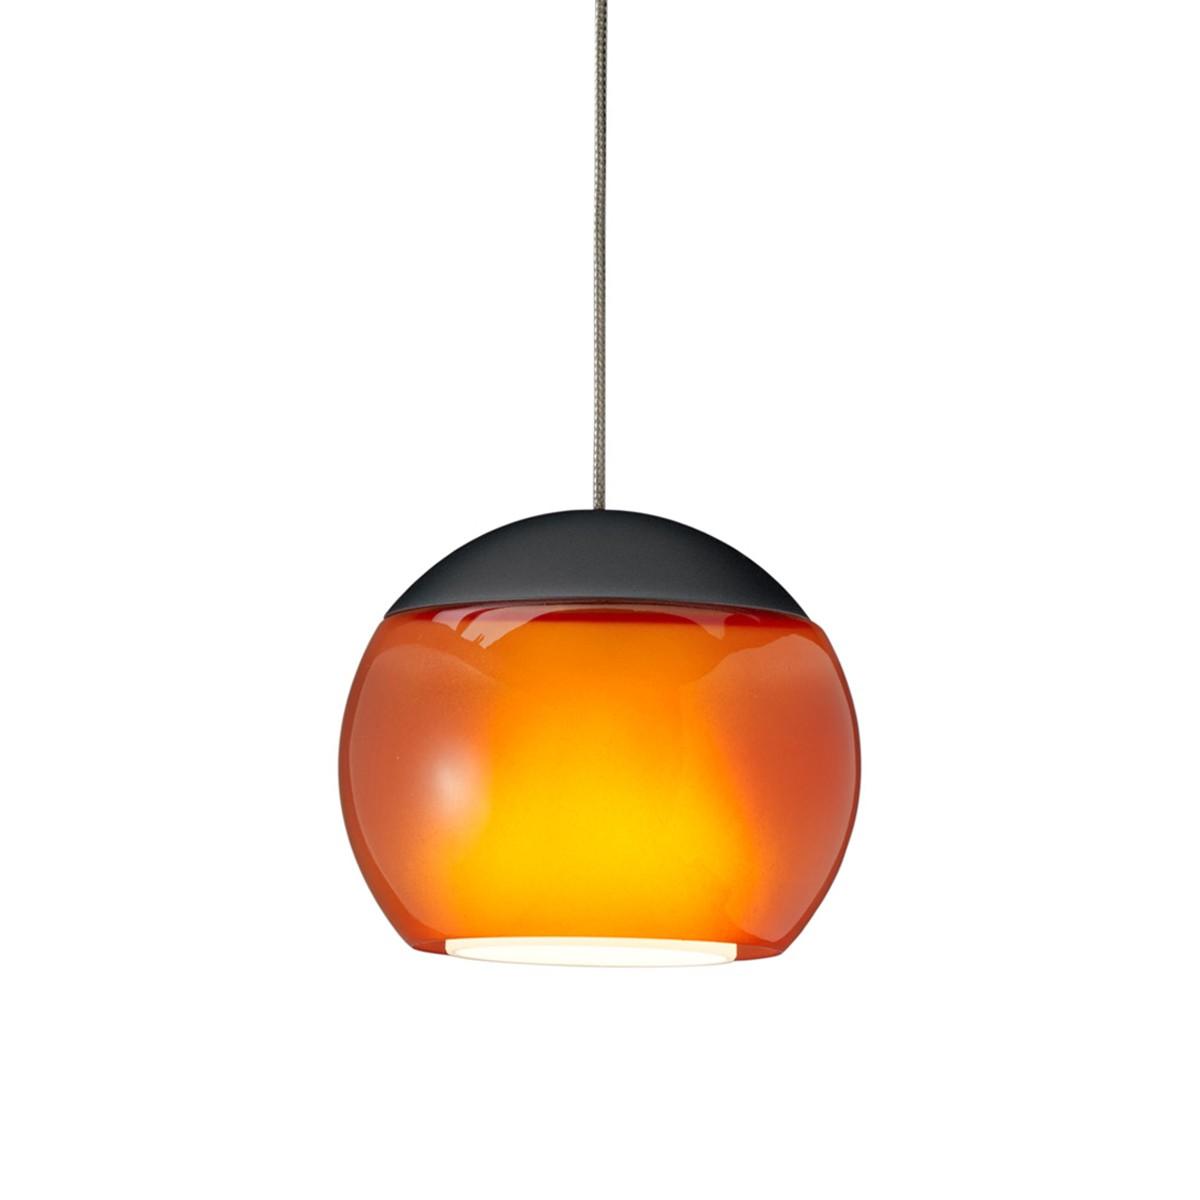 Oligo Balino LED Pendelleuchte, 1. Generation, schwarz matt / orange glänzend